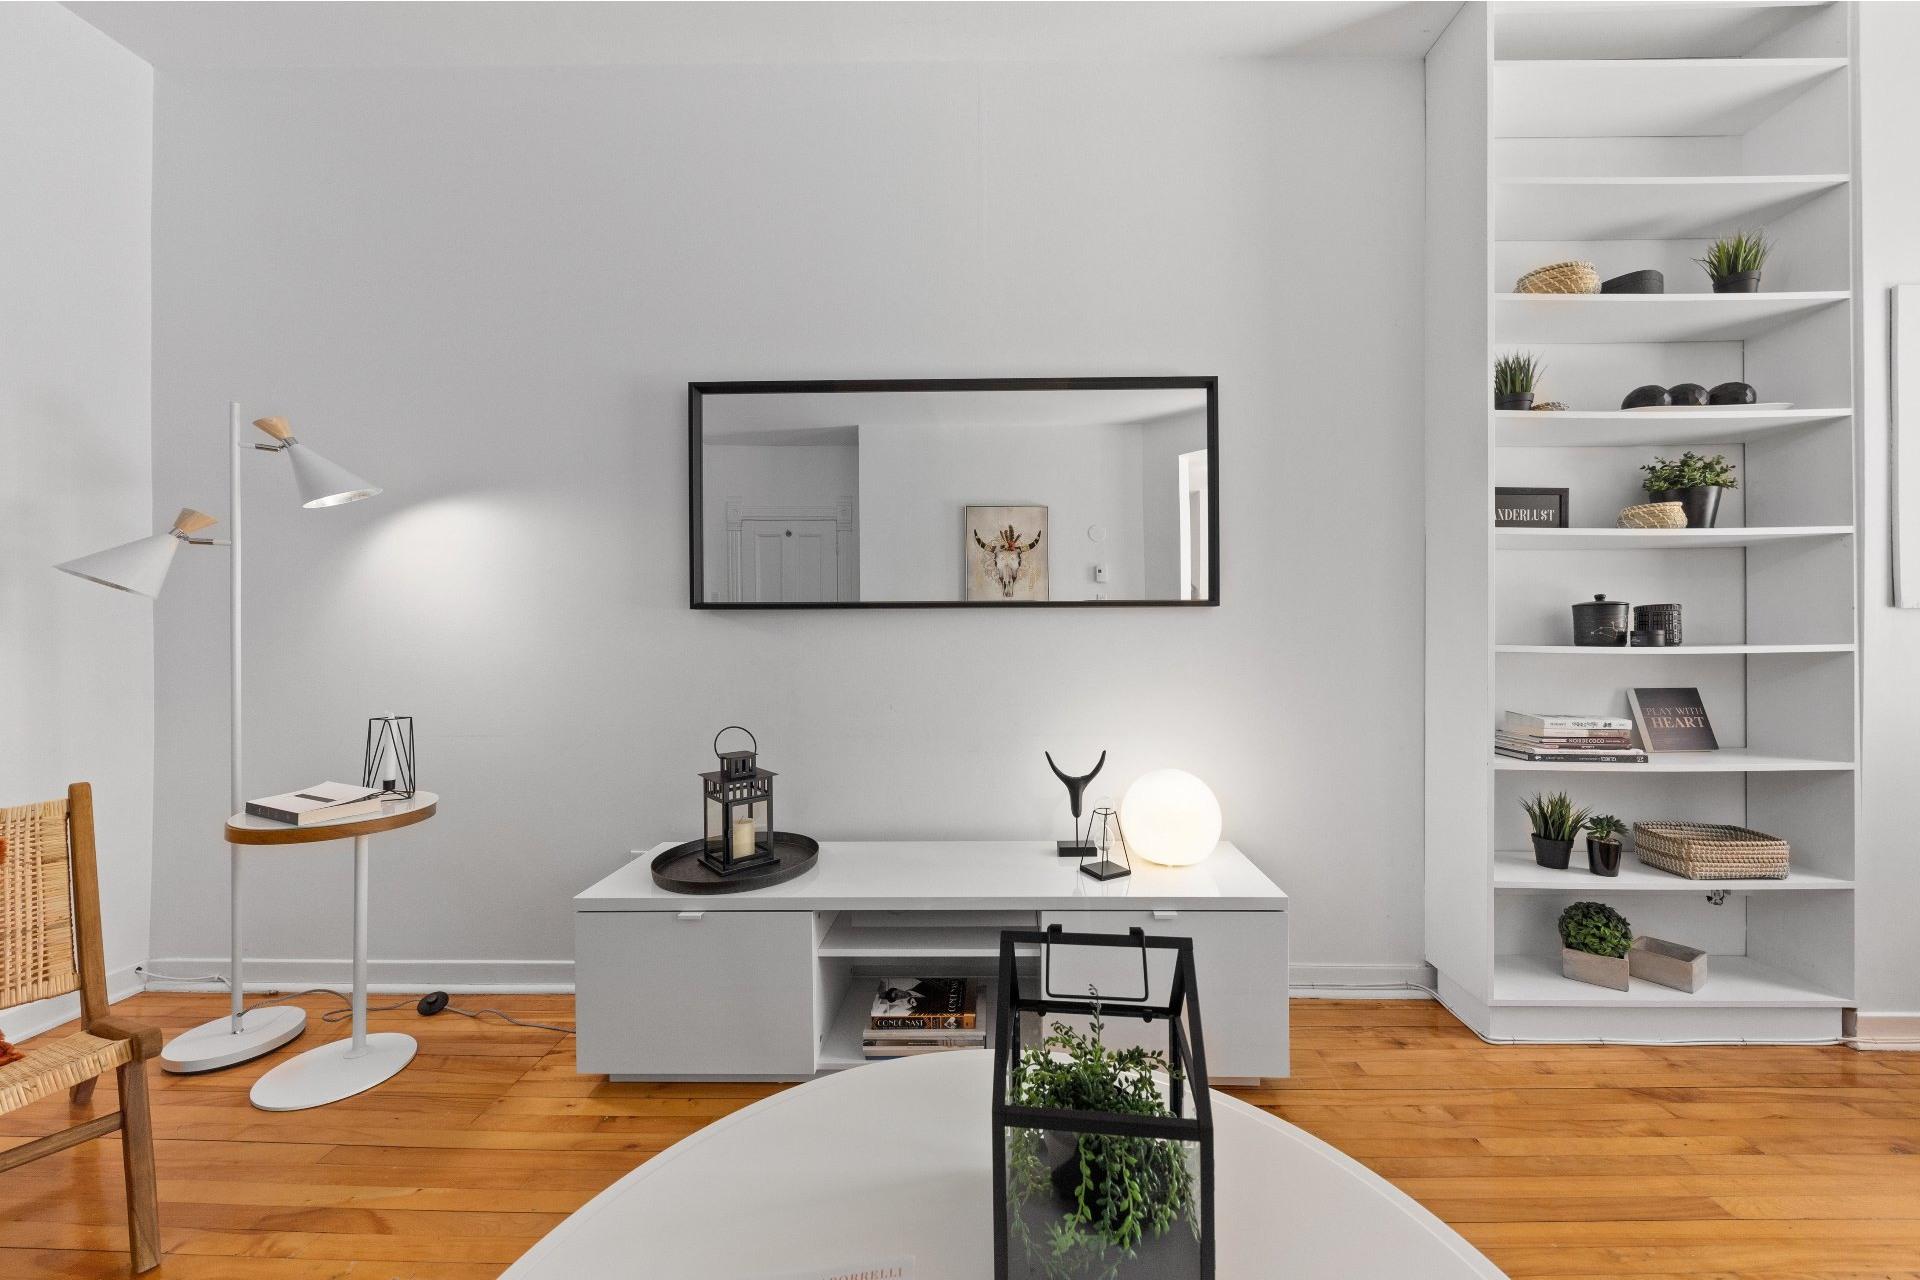 image 5 - Duplex For sale Le Plateau-Mont-Royal Montréal  - 5 rooms